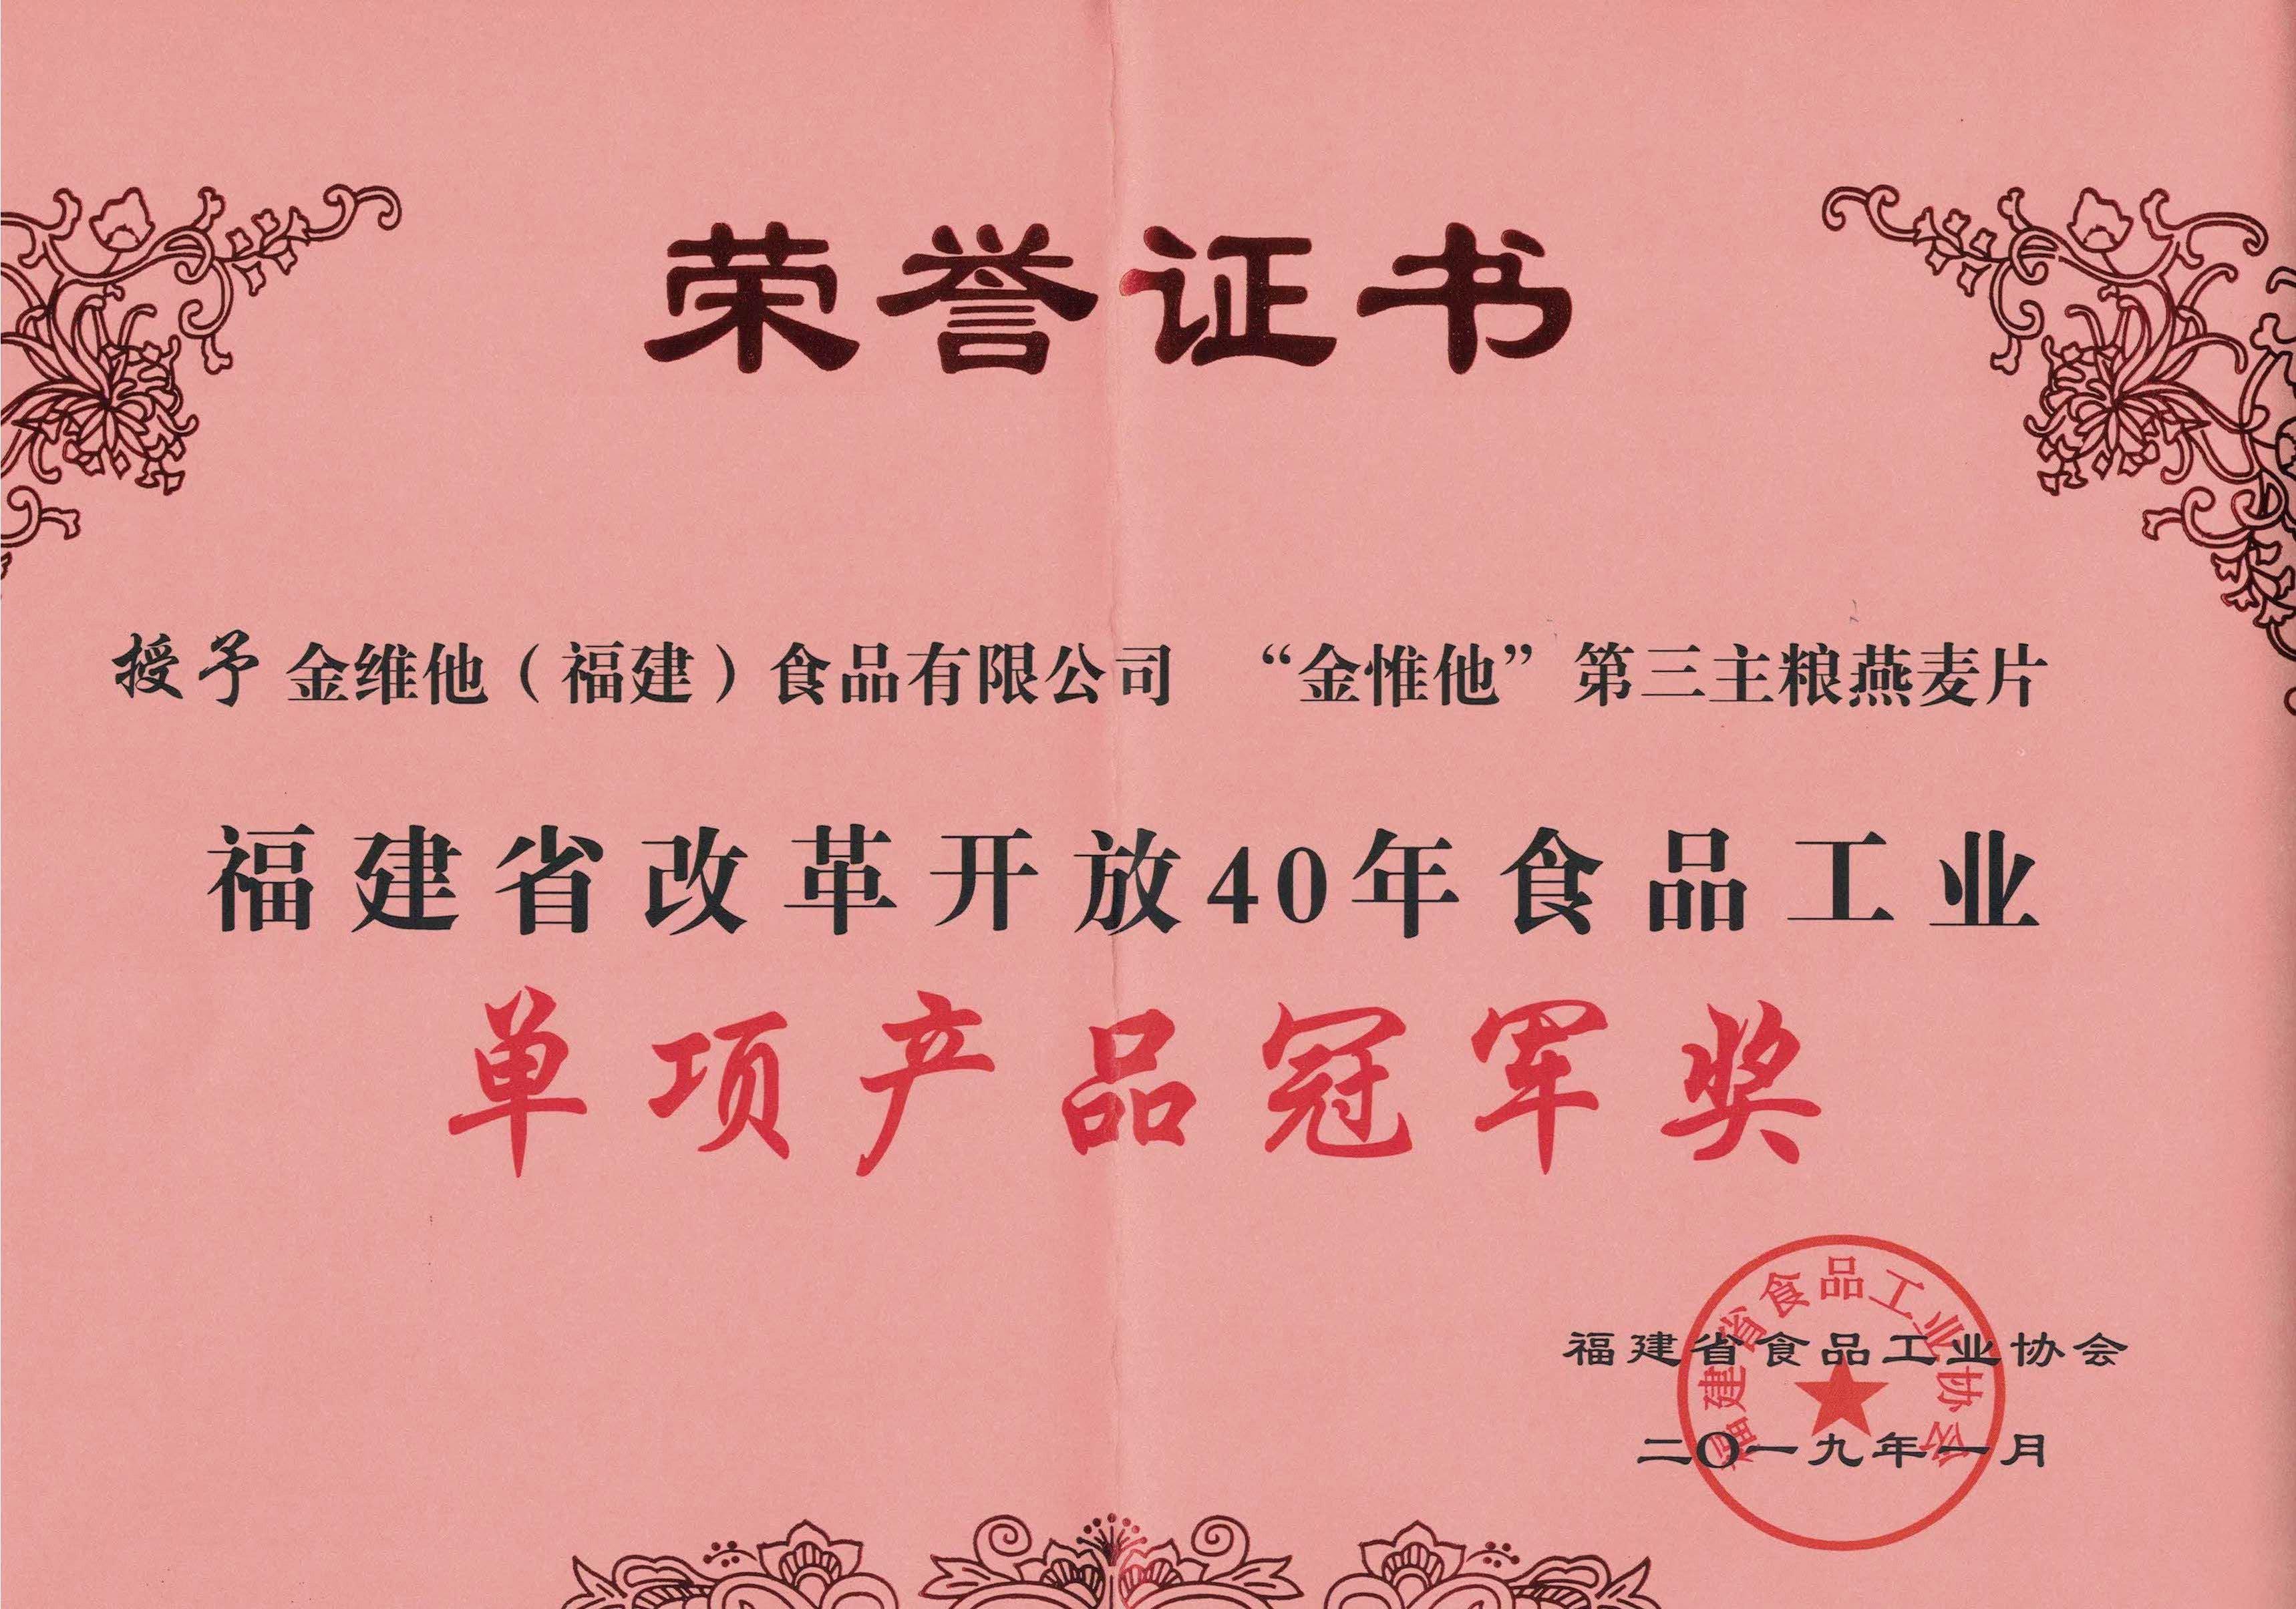 福建省改革开放40年食品工业单项产品冠军奖